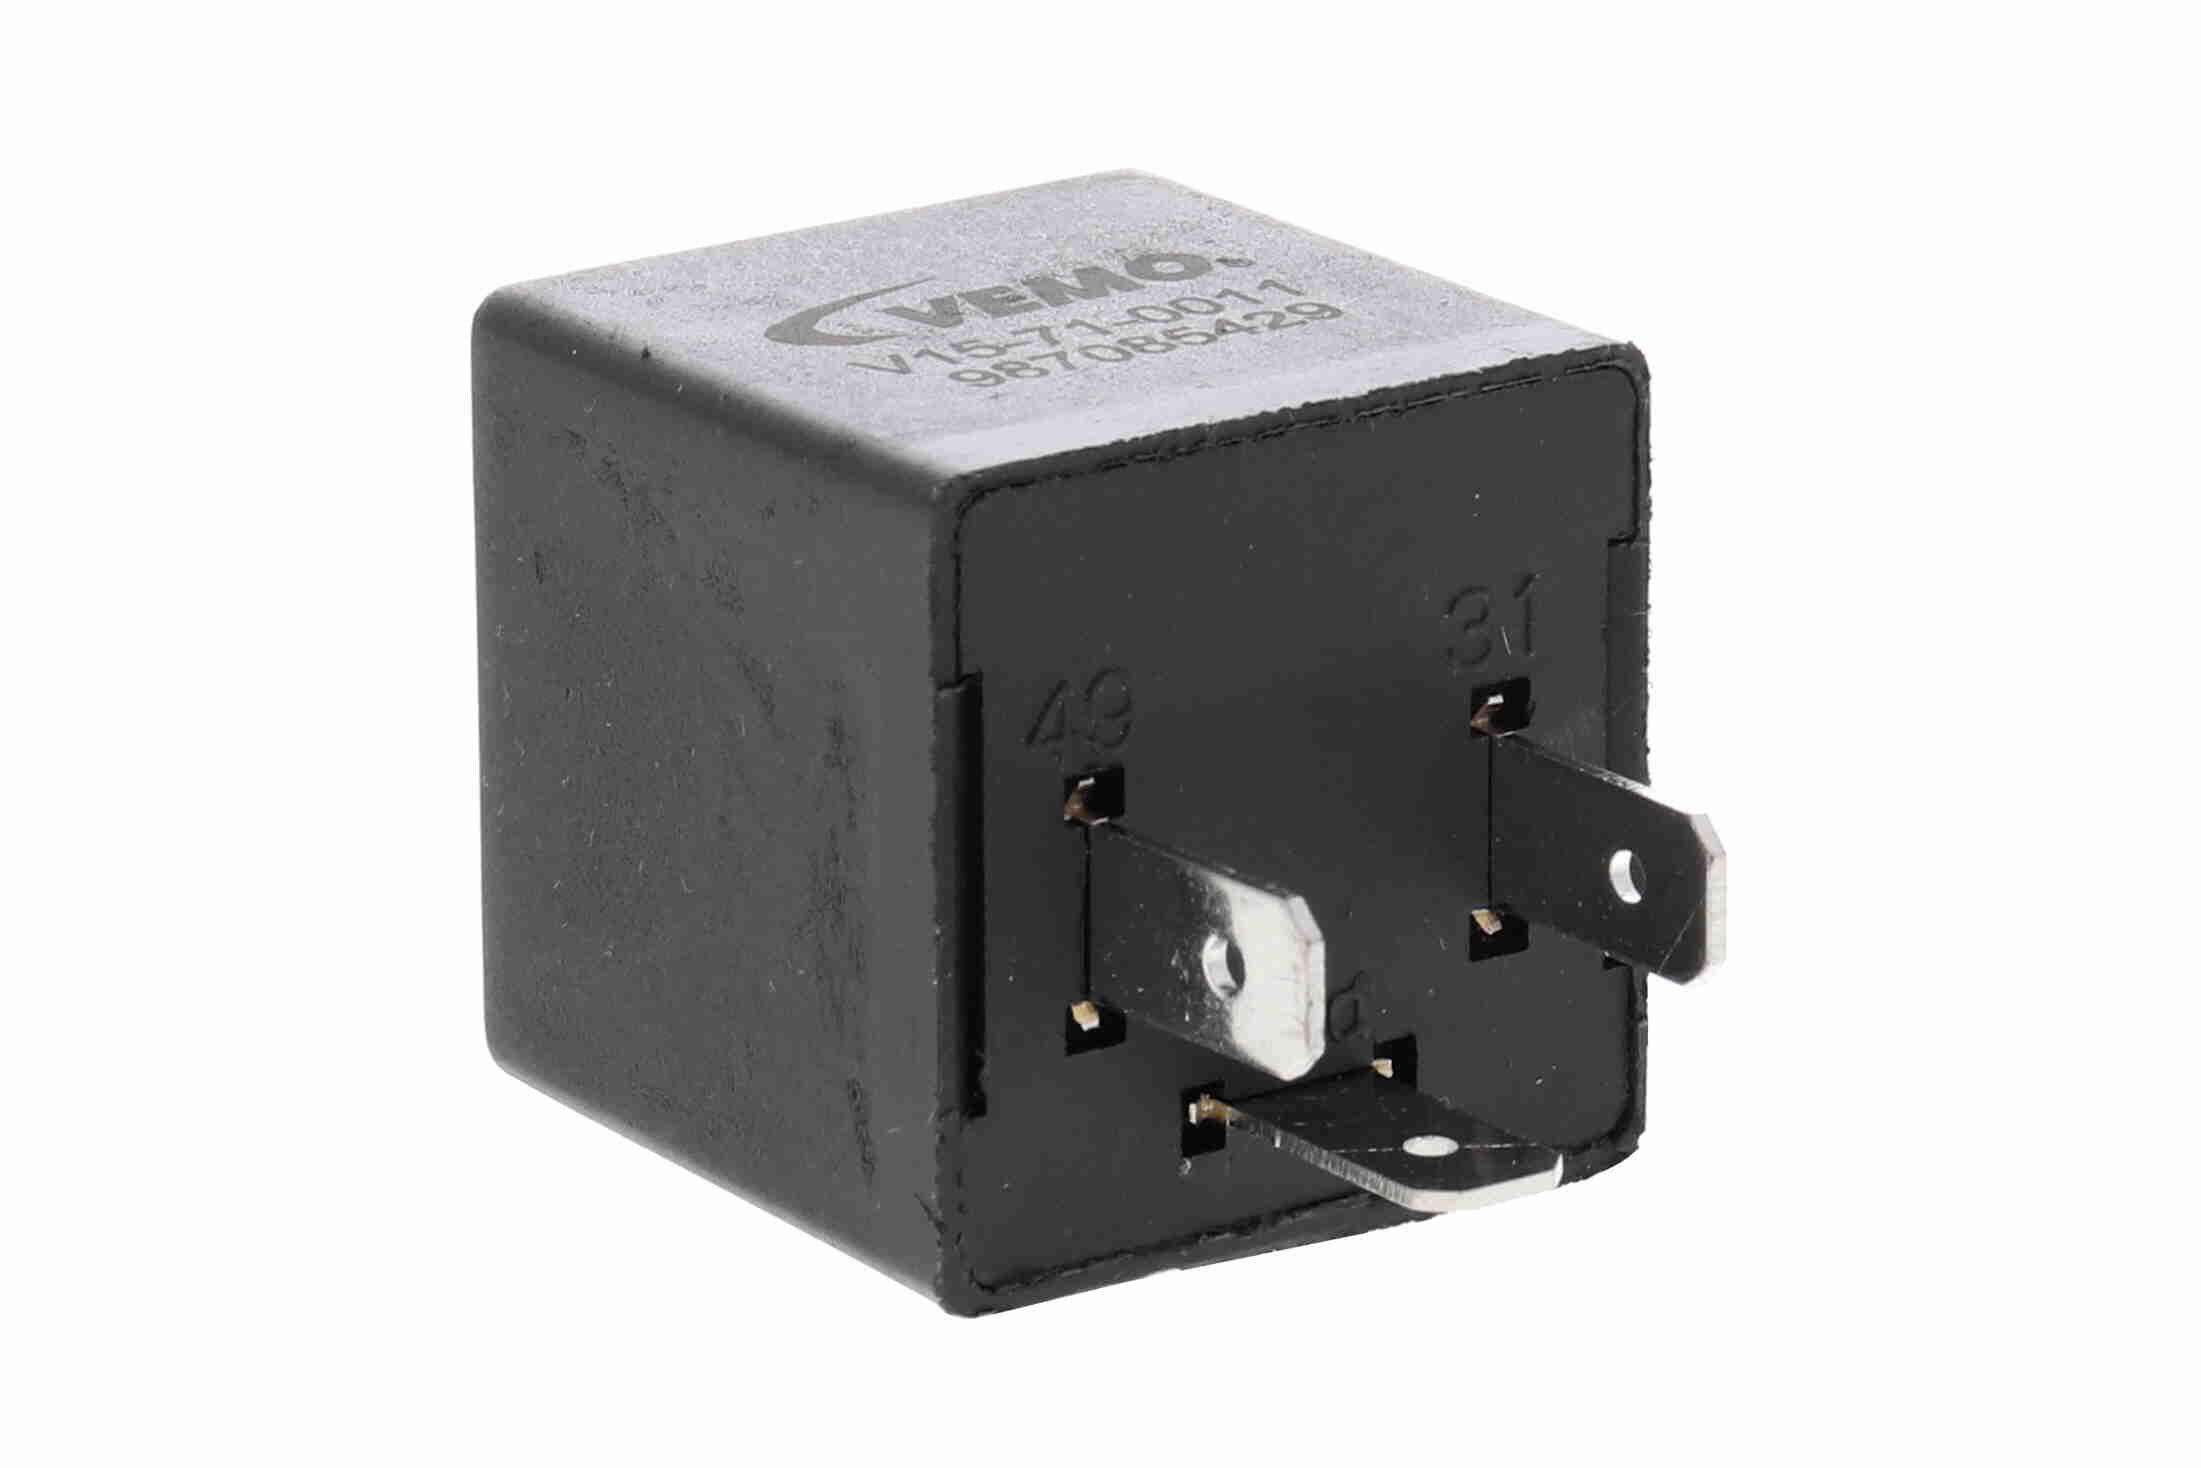 Prerużovač smerových svetiel V15-71-0011 OPEL MANTA v zľave – kupujte hneď!